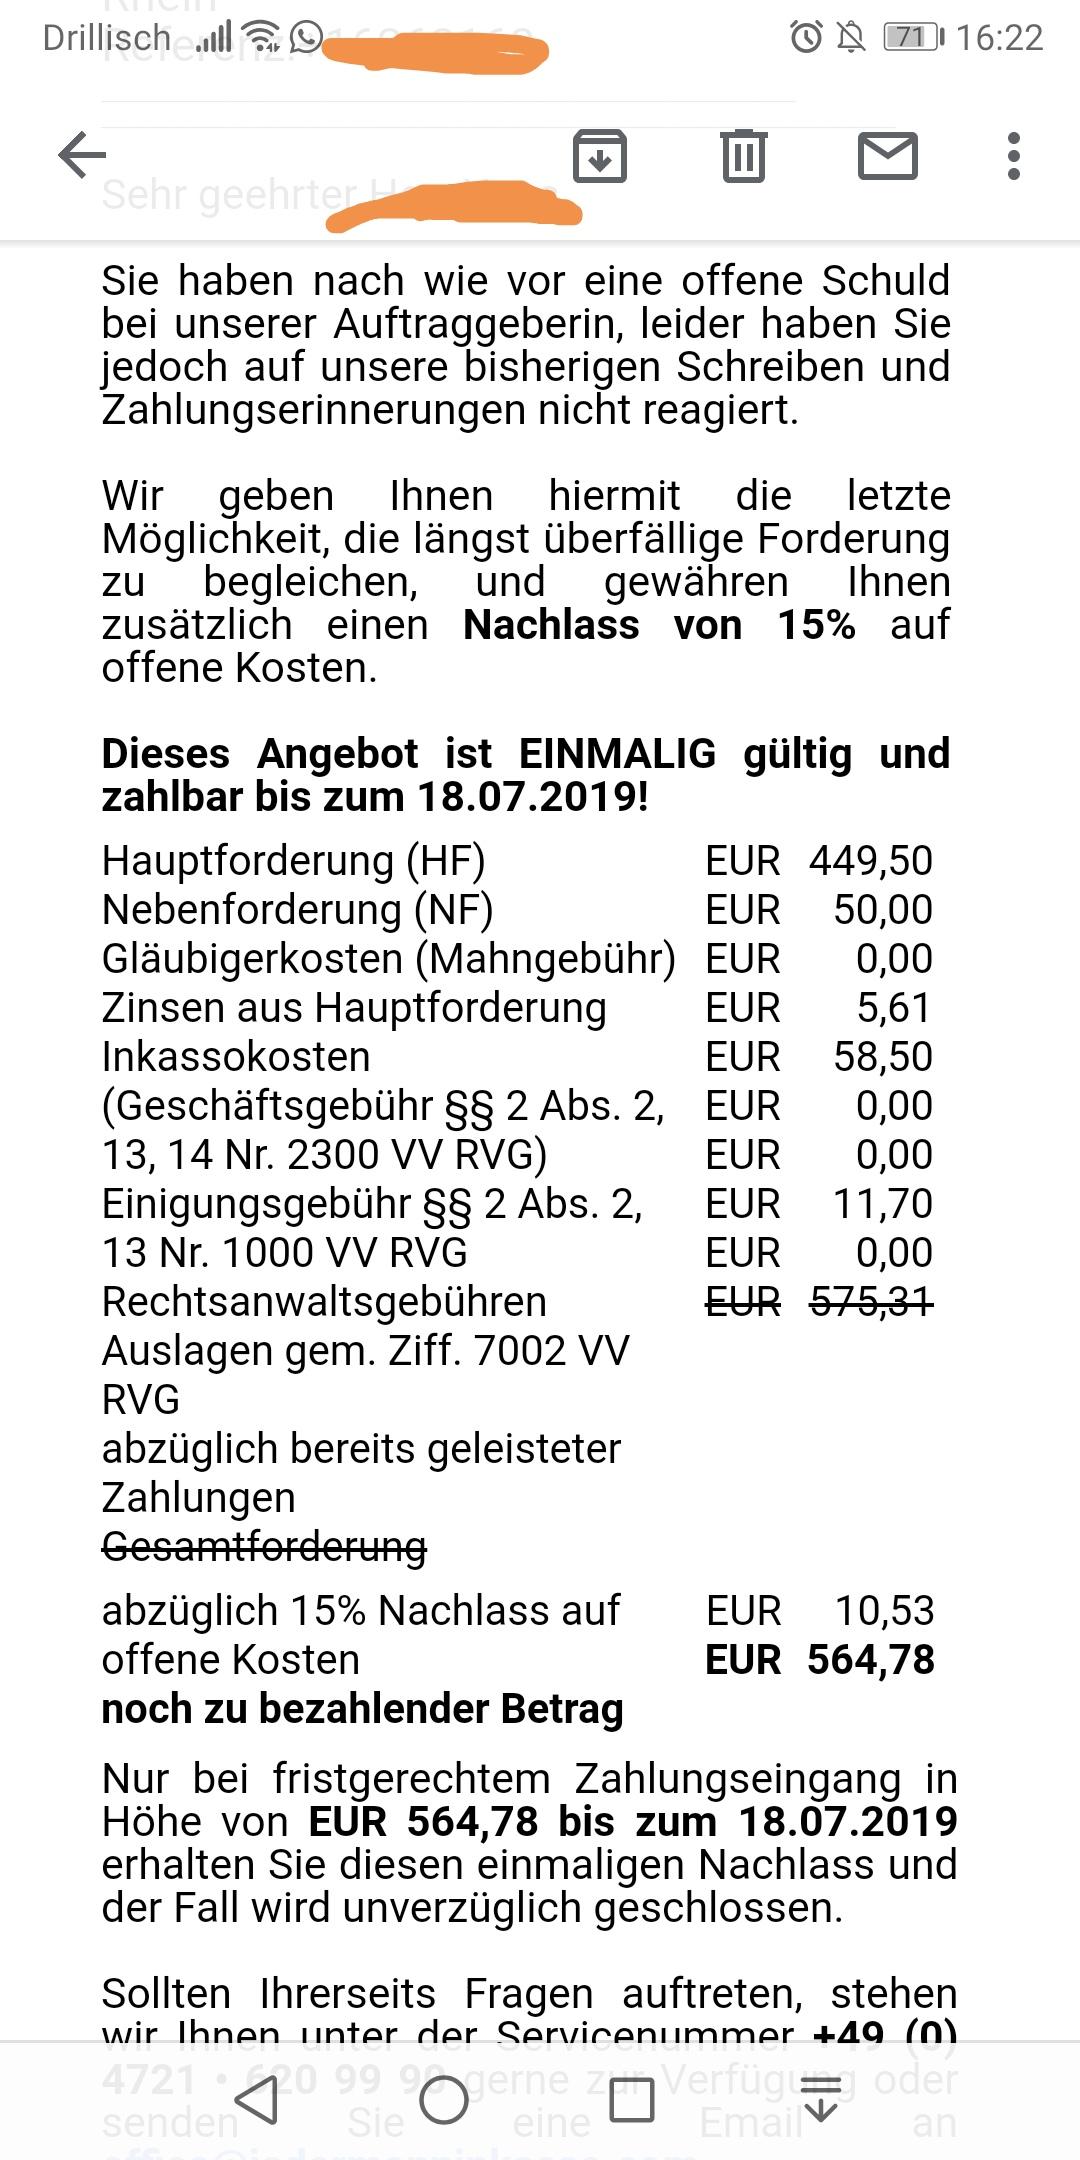 Ag deutschland webbilling kontakt Contact